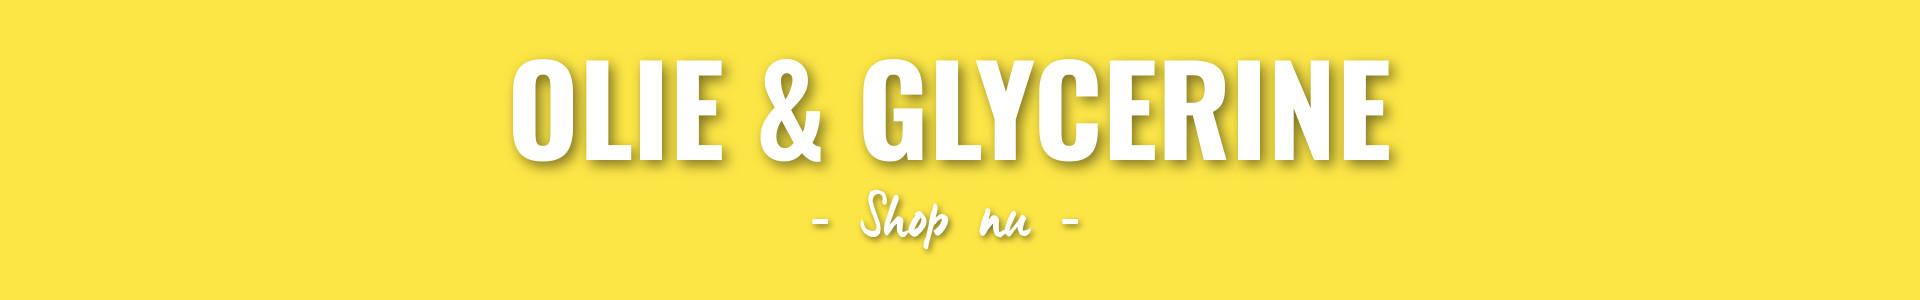 Olie & Glycerine